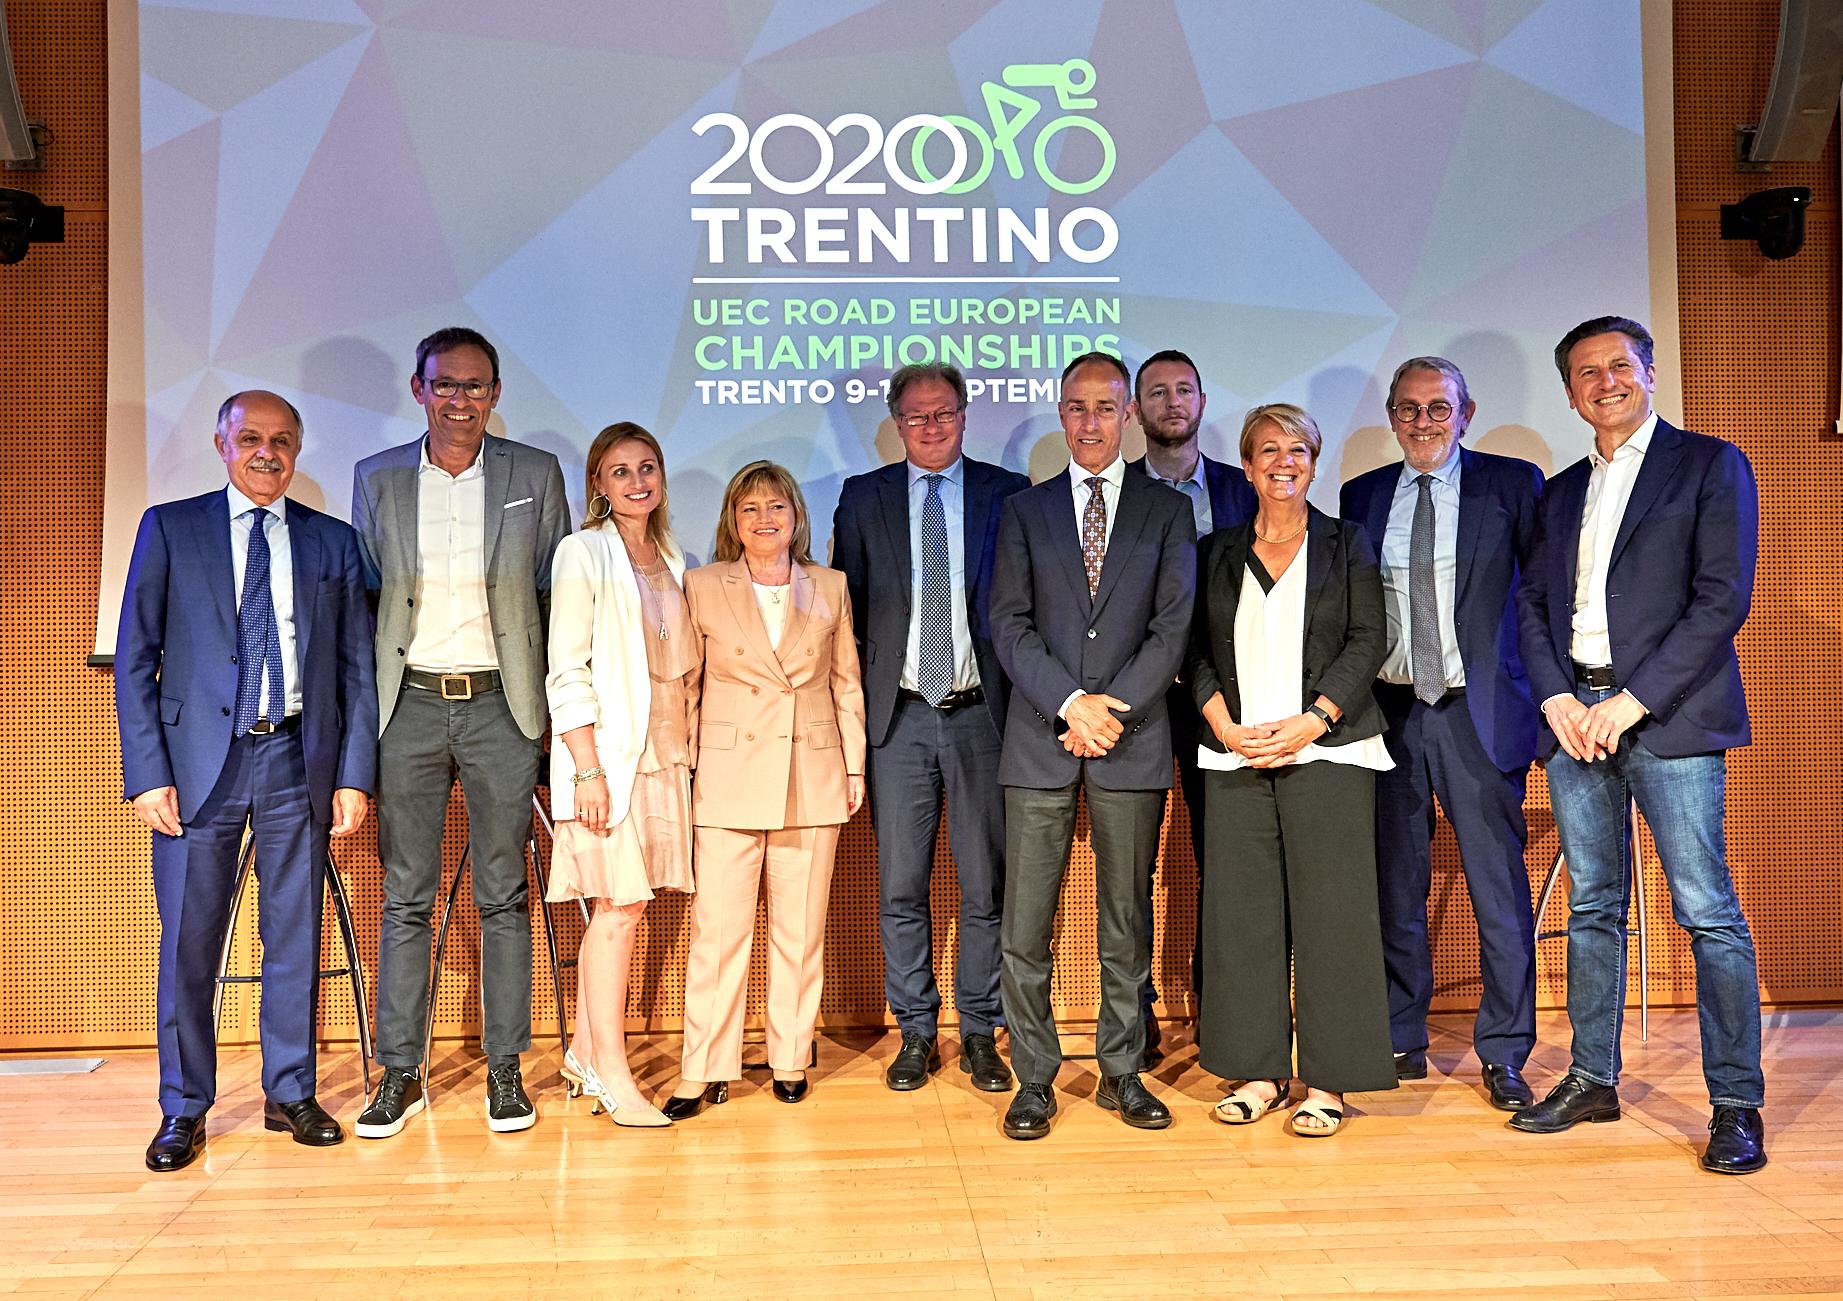 Trentino 2020